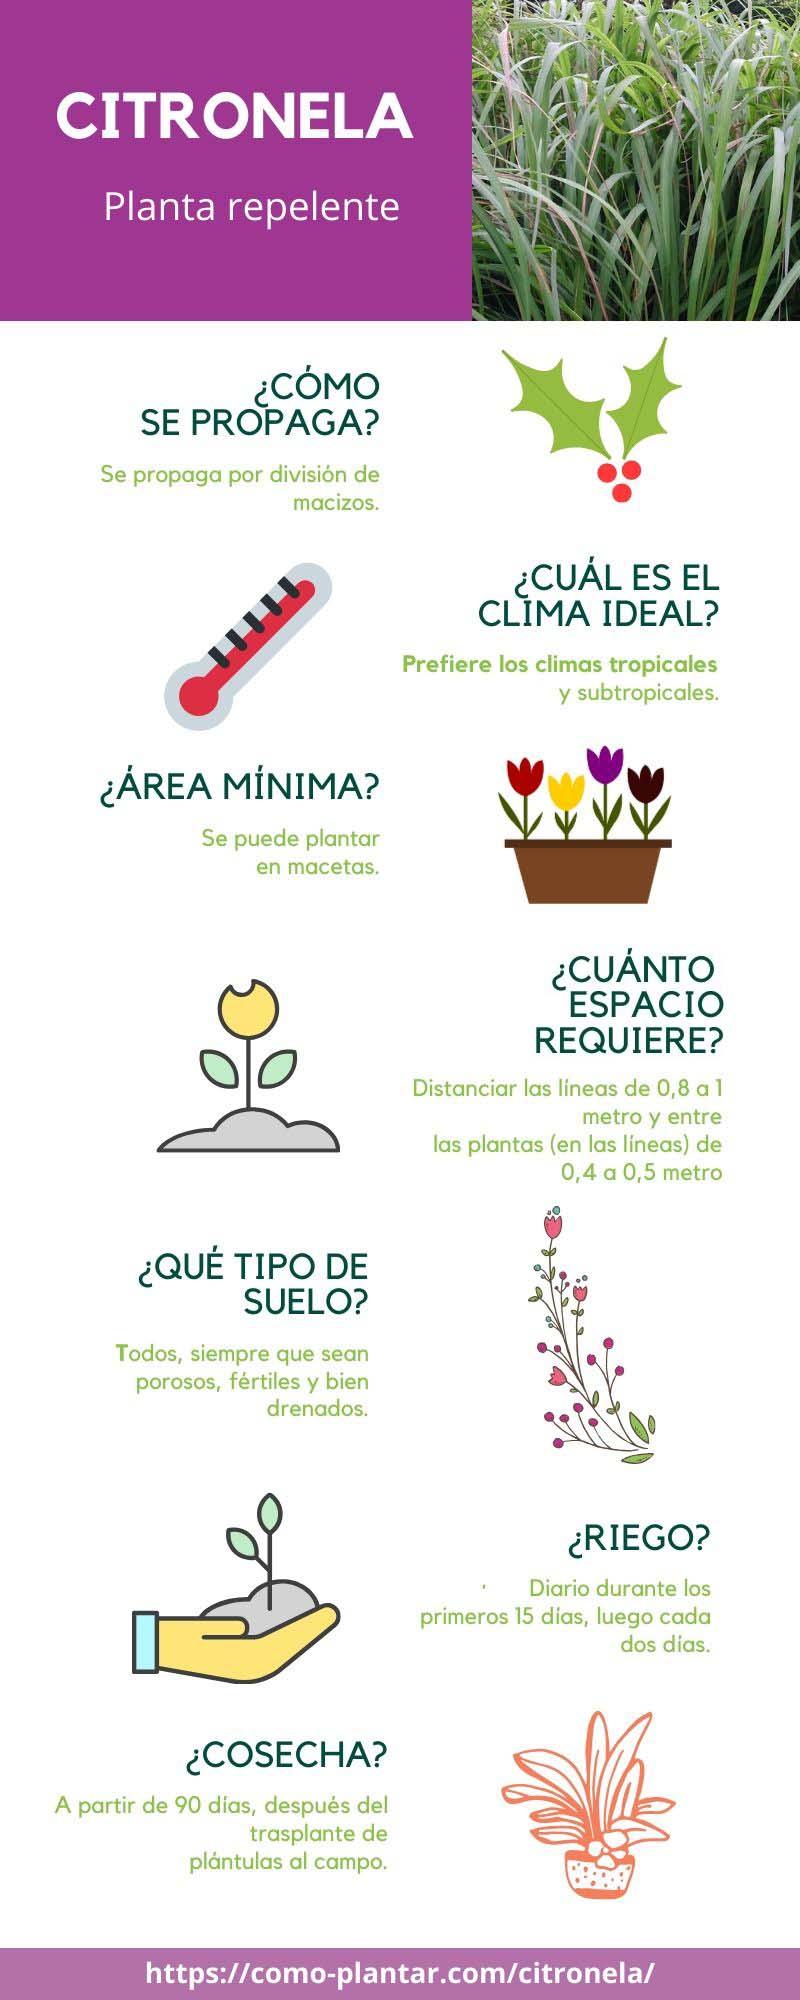 Guía para el cultivo de citronela